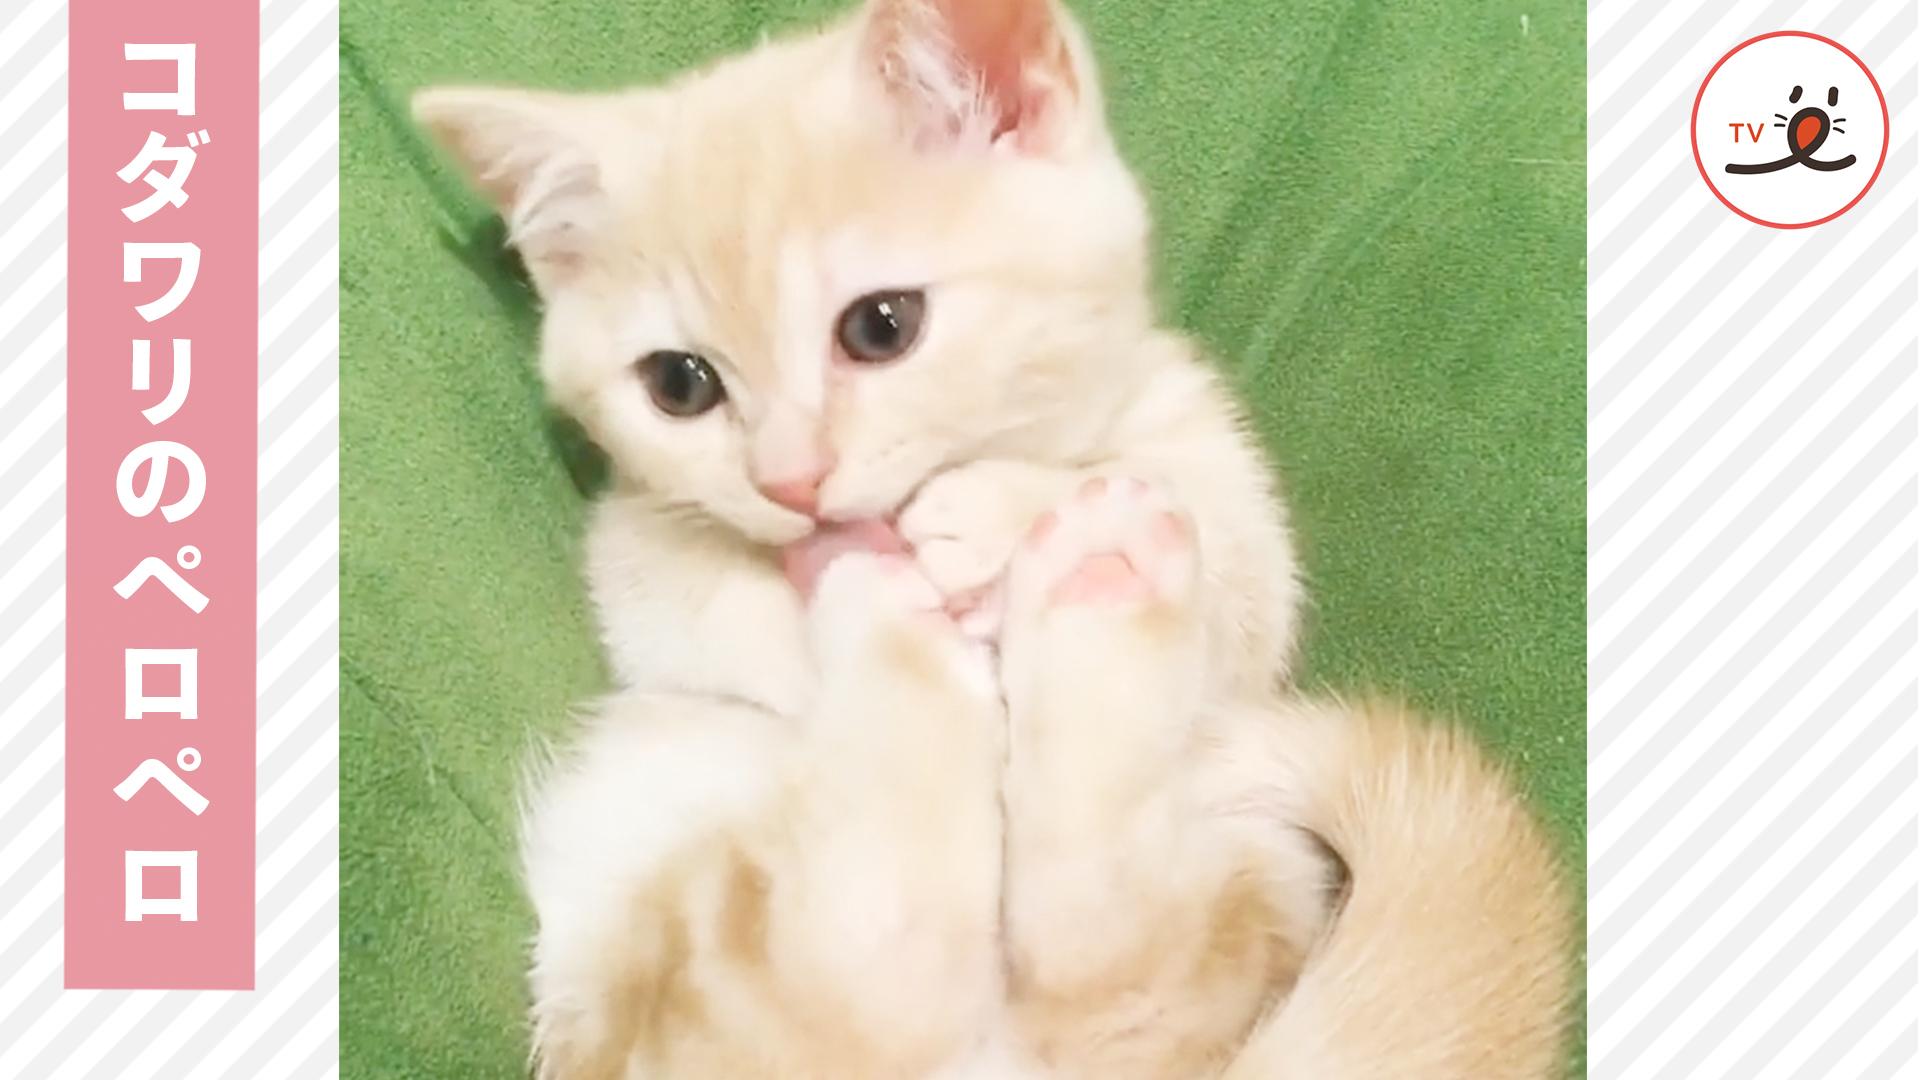 綺麗好きな子猫ちゃん😻 足の裏までペロペロするよ💕